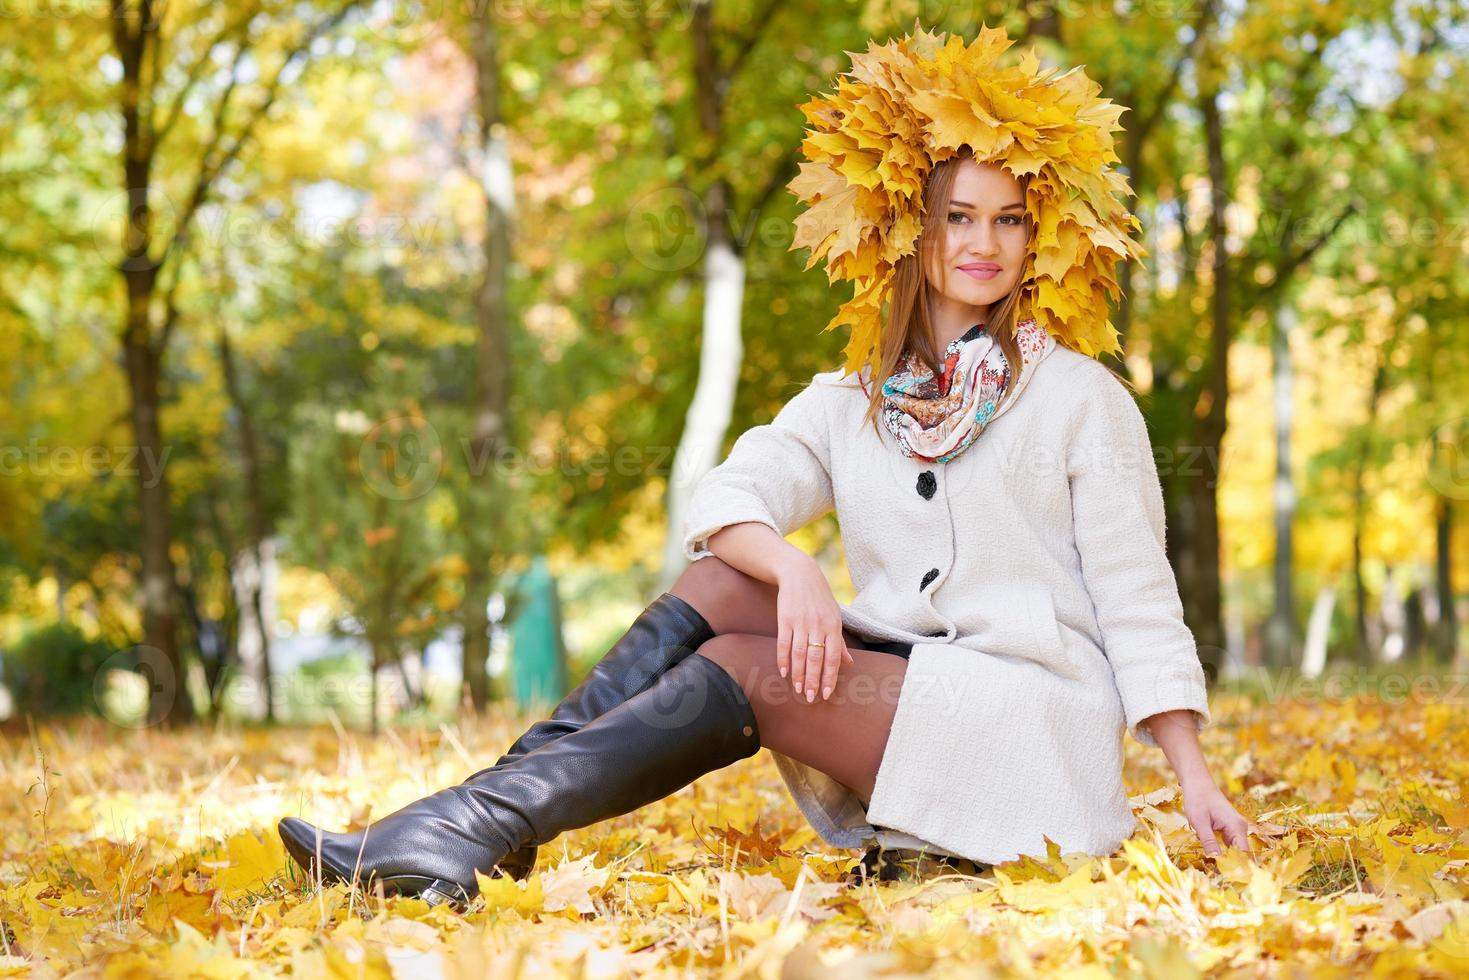 Mädchen sitzen auf Blättern im Herbststadtpark foto